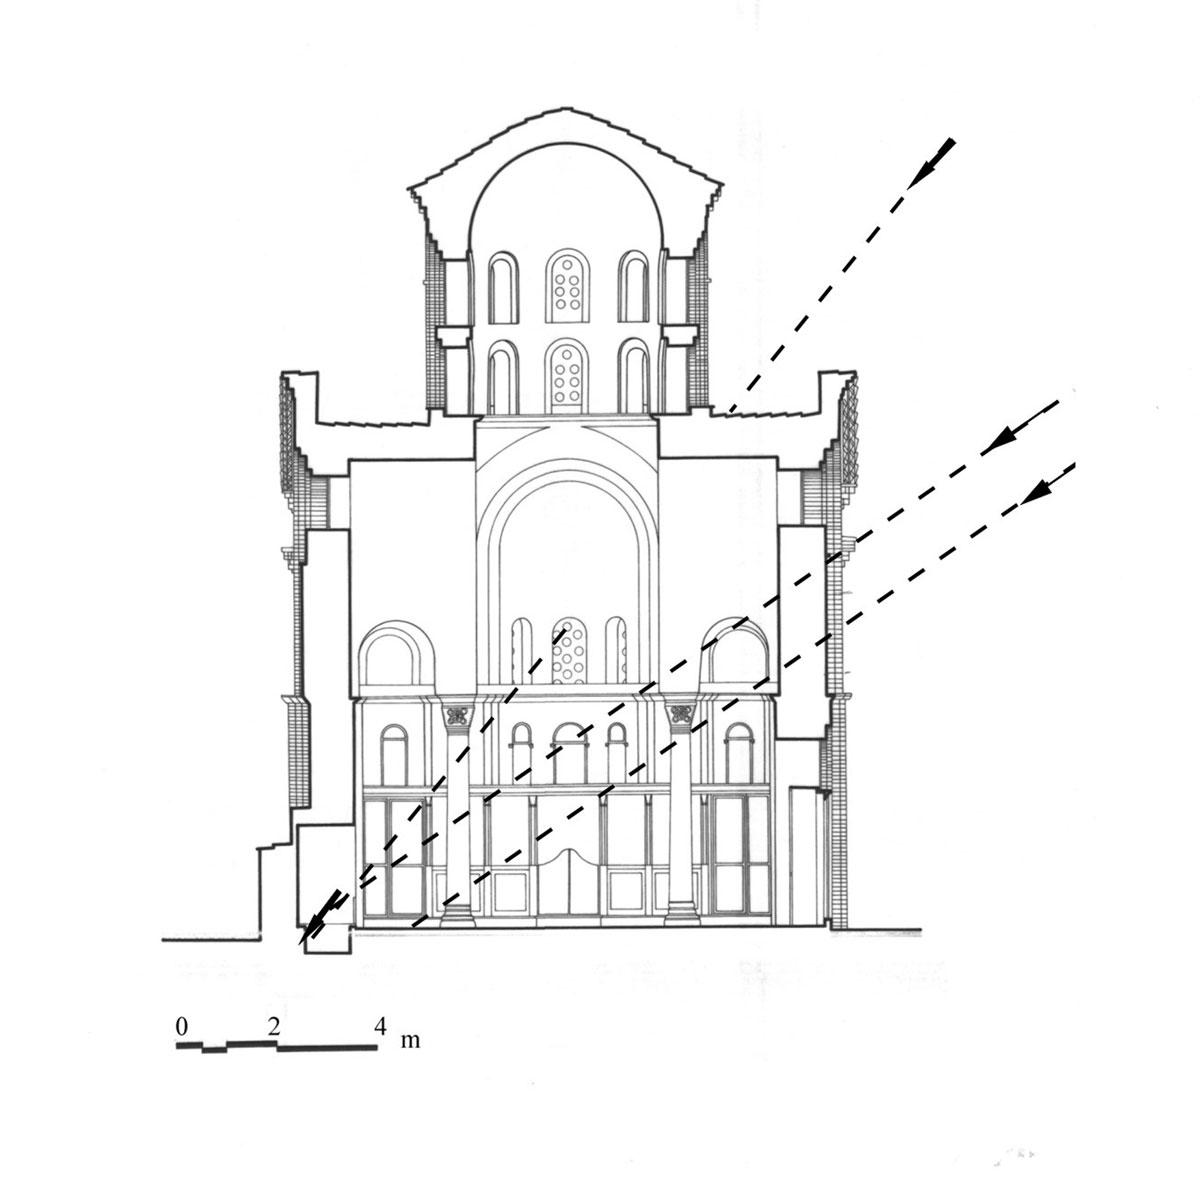 Εικ. 11. Τομή κατά πλάτος, σχηματική απεικόνιση των ακτίνων του ήλιου διά των παραθύρων της κόγχης και της νότιας κεραίας του σταυρού.